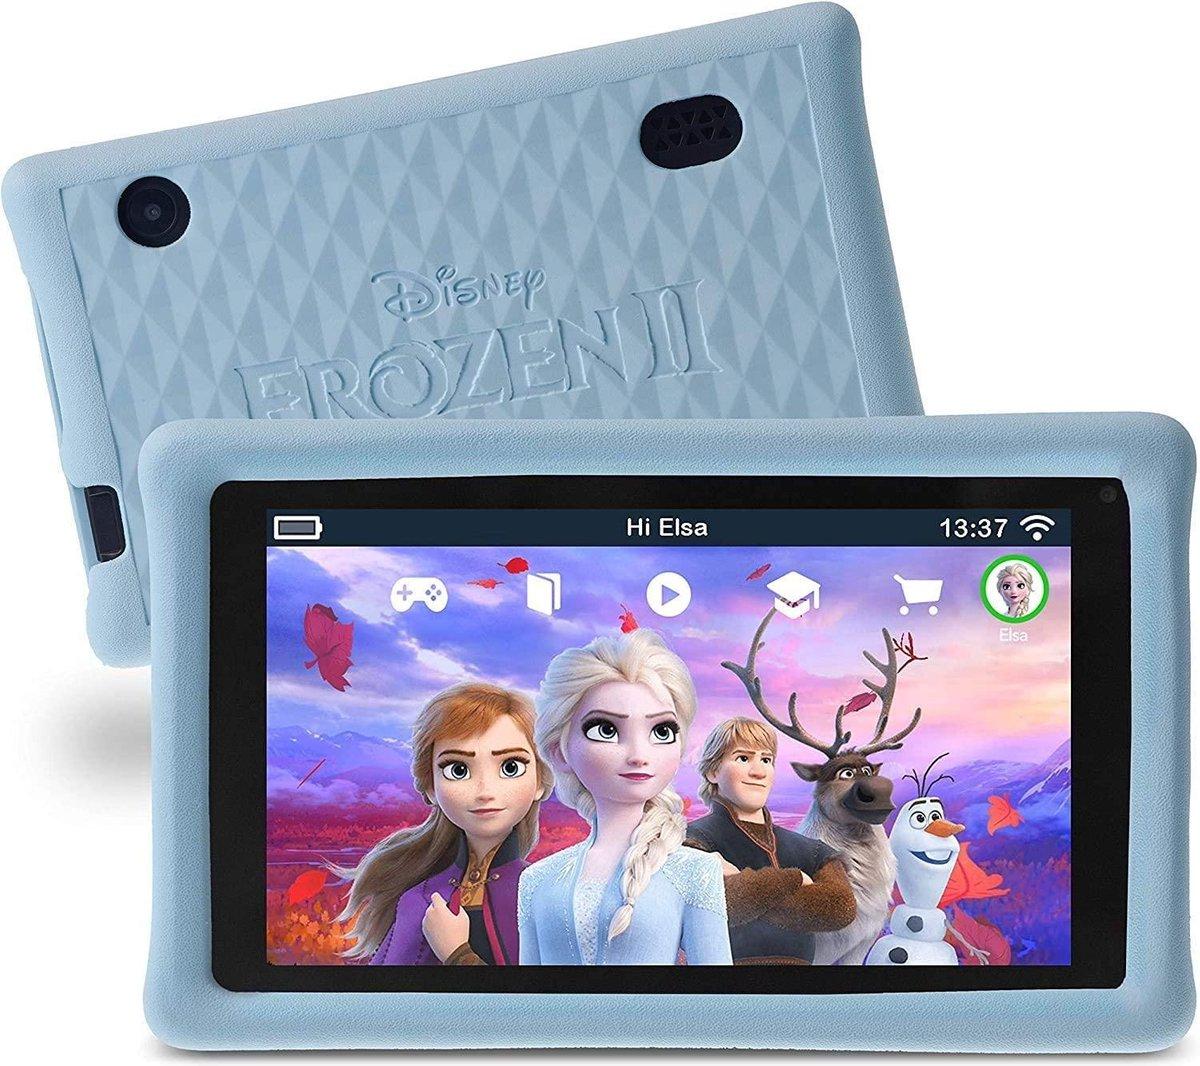 Pebble Gear Kindertablet Disney Frozen Set Etui- 7 inch – 1GB – Android 8.1- 500 spelletjes – Ouderlijk toezicht